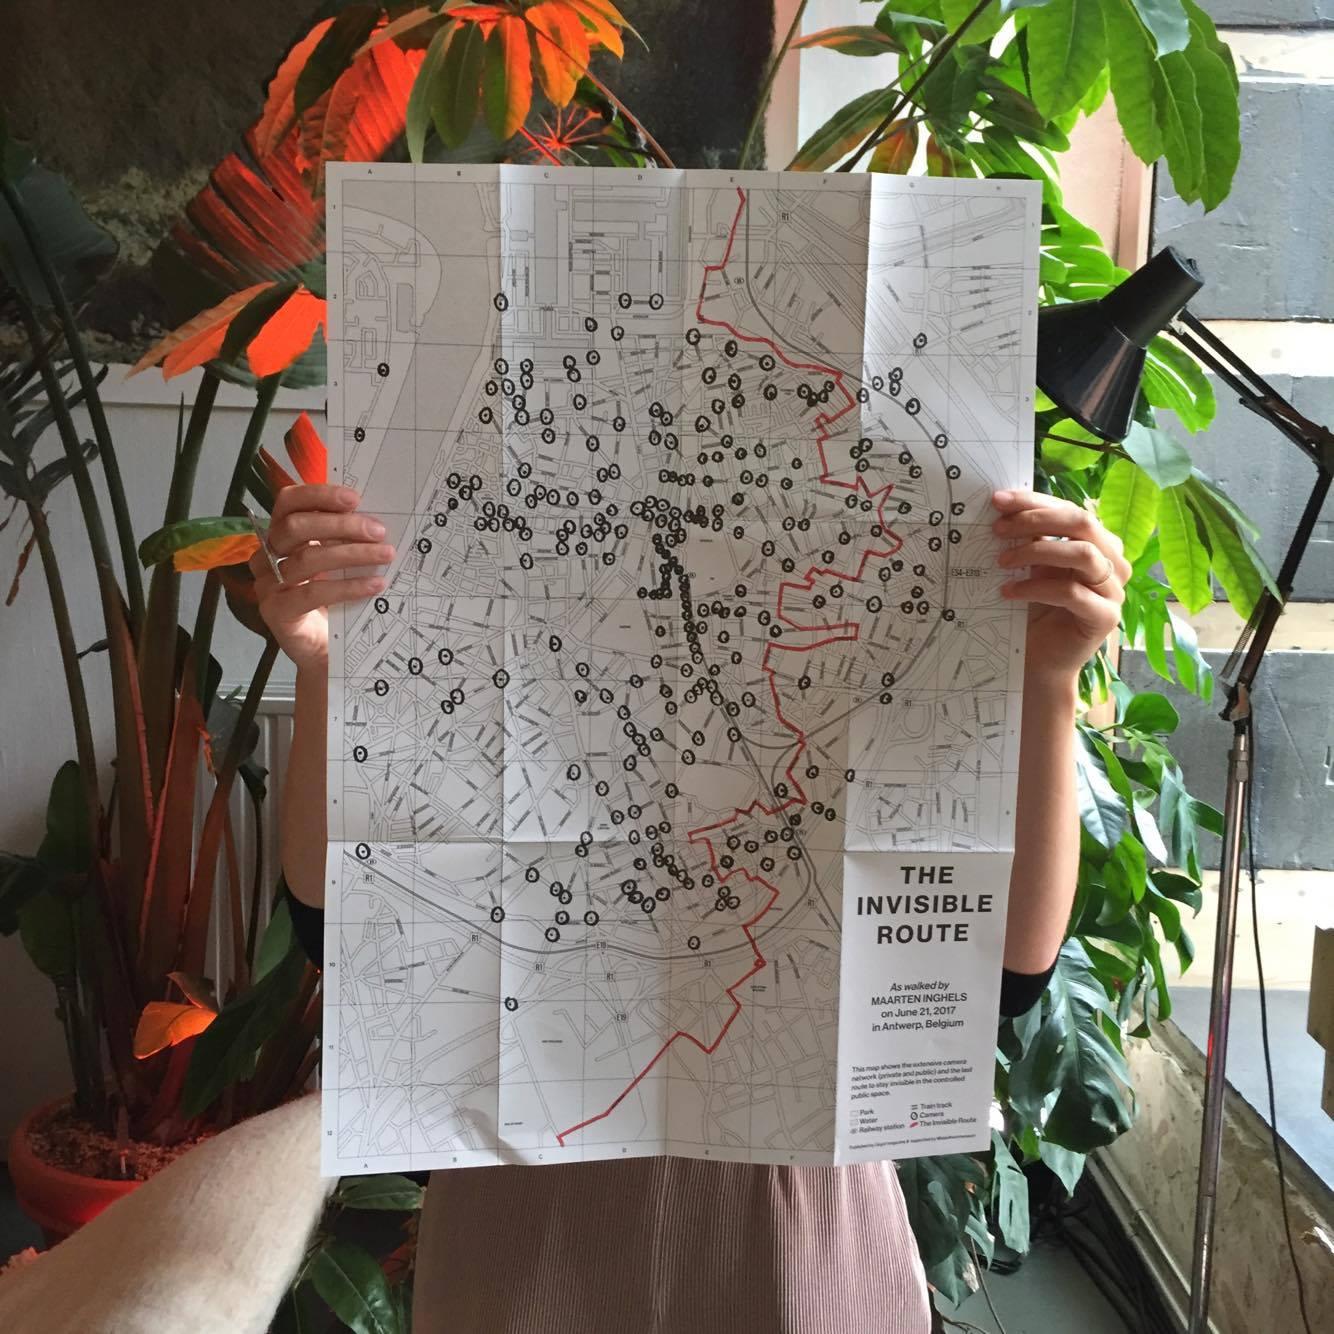 The Invisible Route exclusief als bijlage bij Oogst vol. 11 - TIR van schrijver en Antwerps stadsdichter Maarten Inghels zit als bijlage bij de nieuwe Oogst. Maarten schetst de laatste route door Antwerpen waar je nog ongezien paden kan bewandelen. Een abonnement op Oogst JG 3 hier, u ontvangt het nieuwe nummer + vol. 9 & 10 in a jiffy.